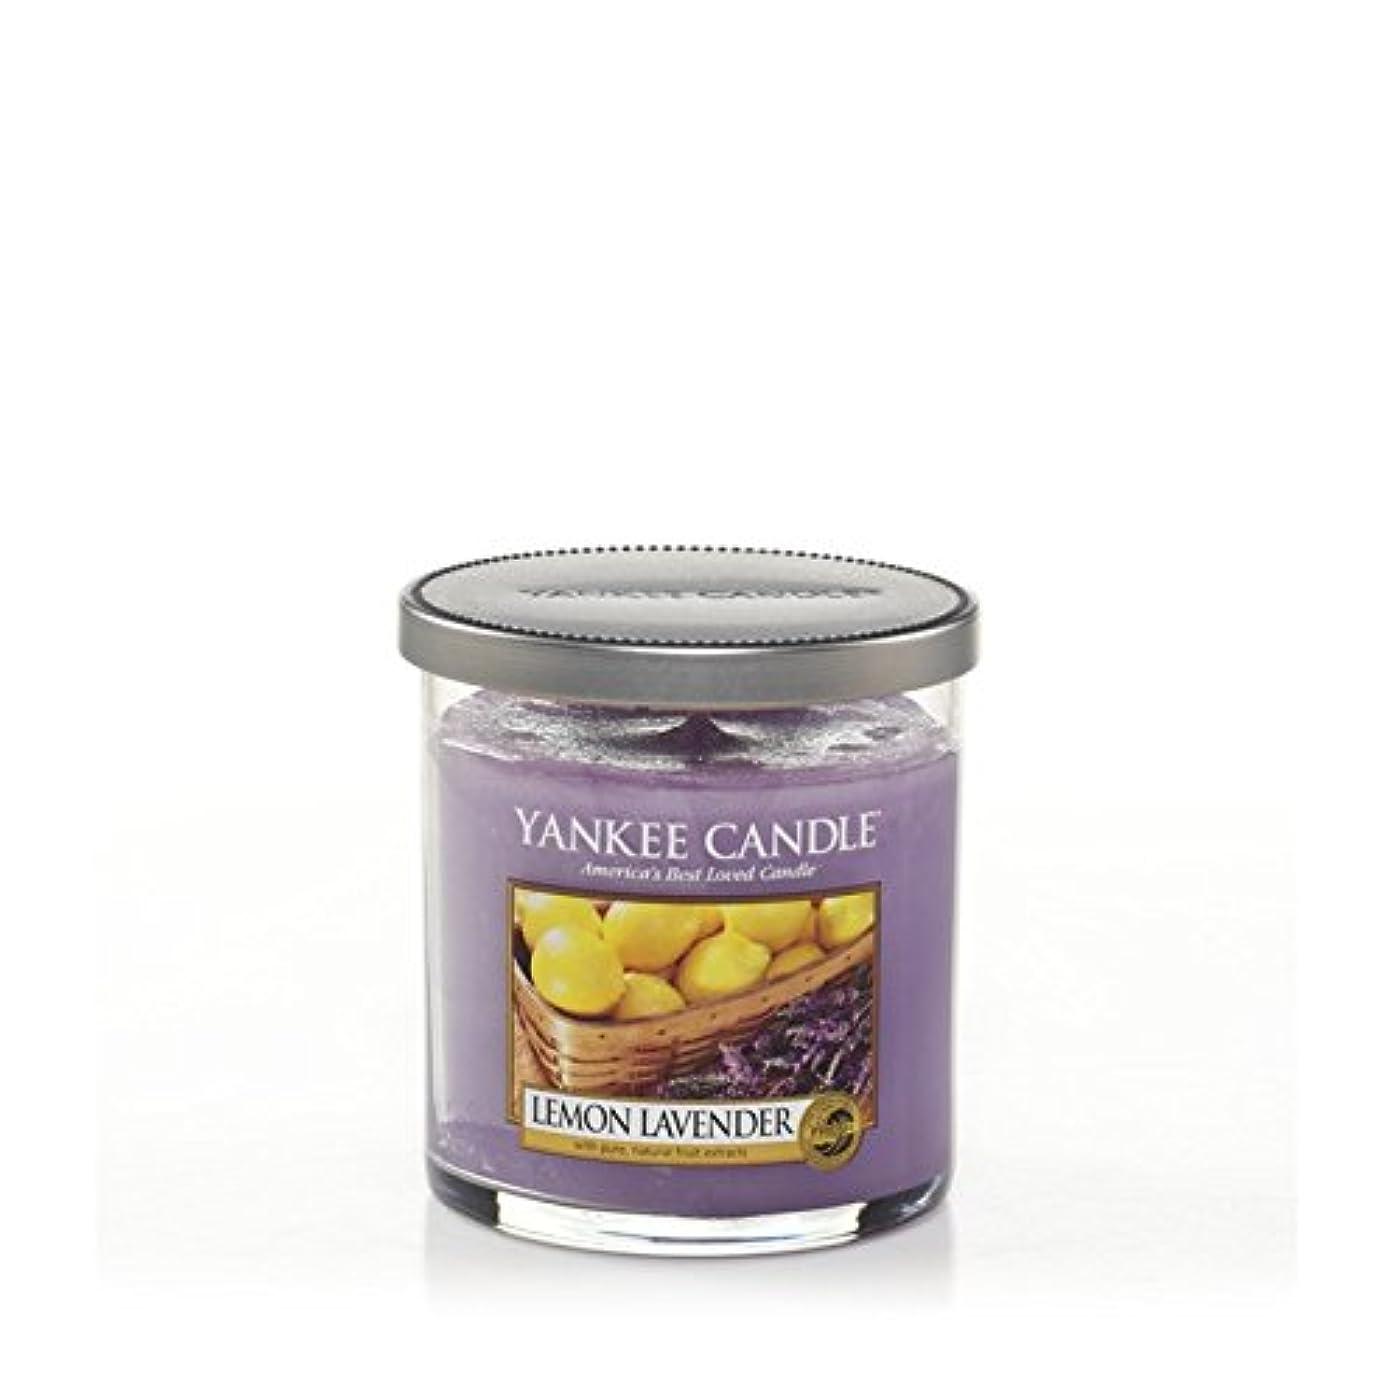 根絶するドリンク小切手Yankee Candles Small Pillar Candle - Lemon Lavender (Pack of 2) - ヤンキーキャンドルの小さな柱キャンドル - レモンラベンダー (x2) [並行輸入品]